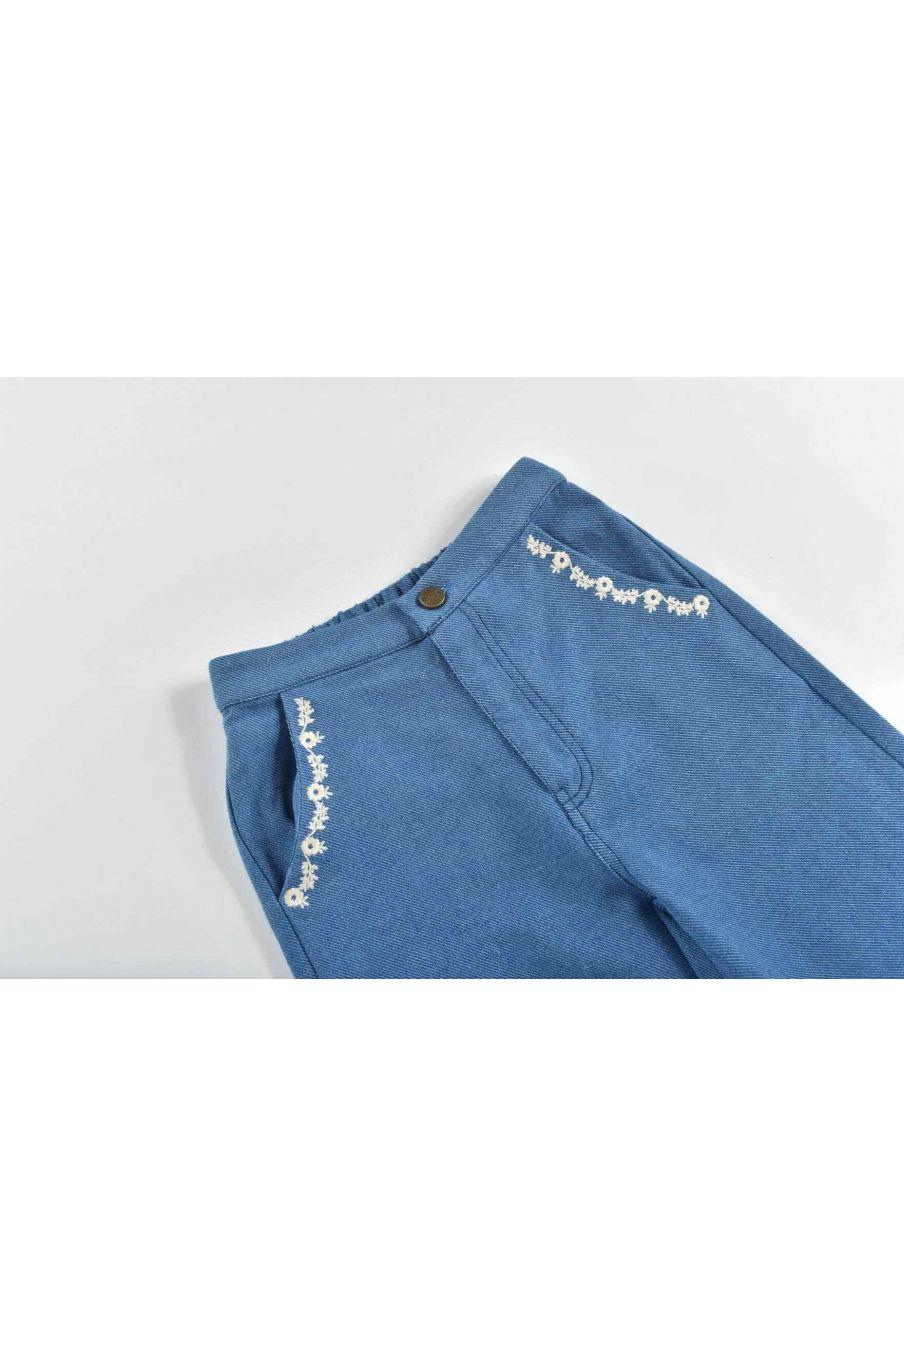 pantalon fille flor blue denim - louise misha